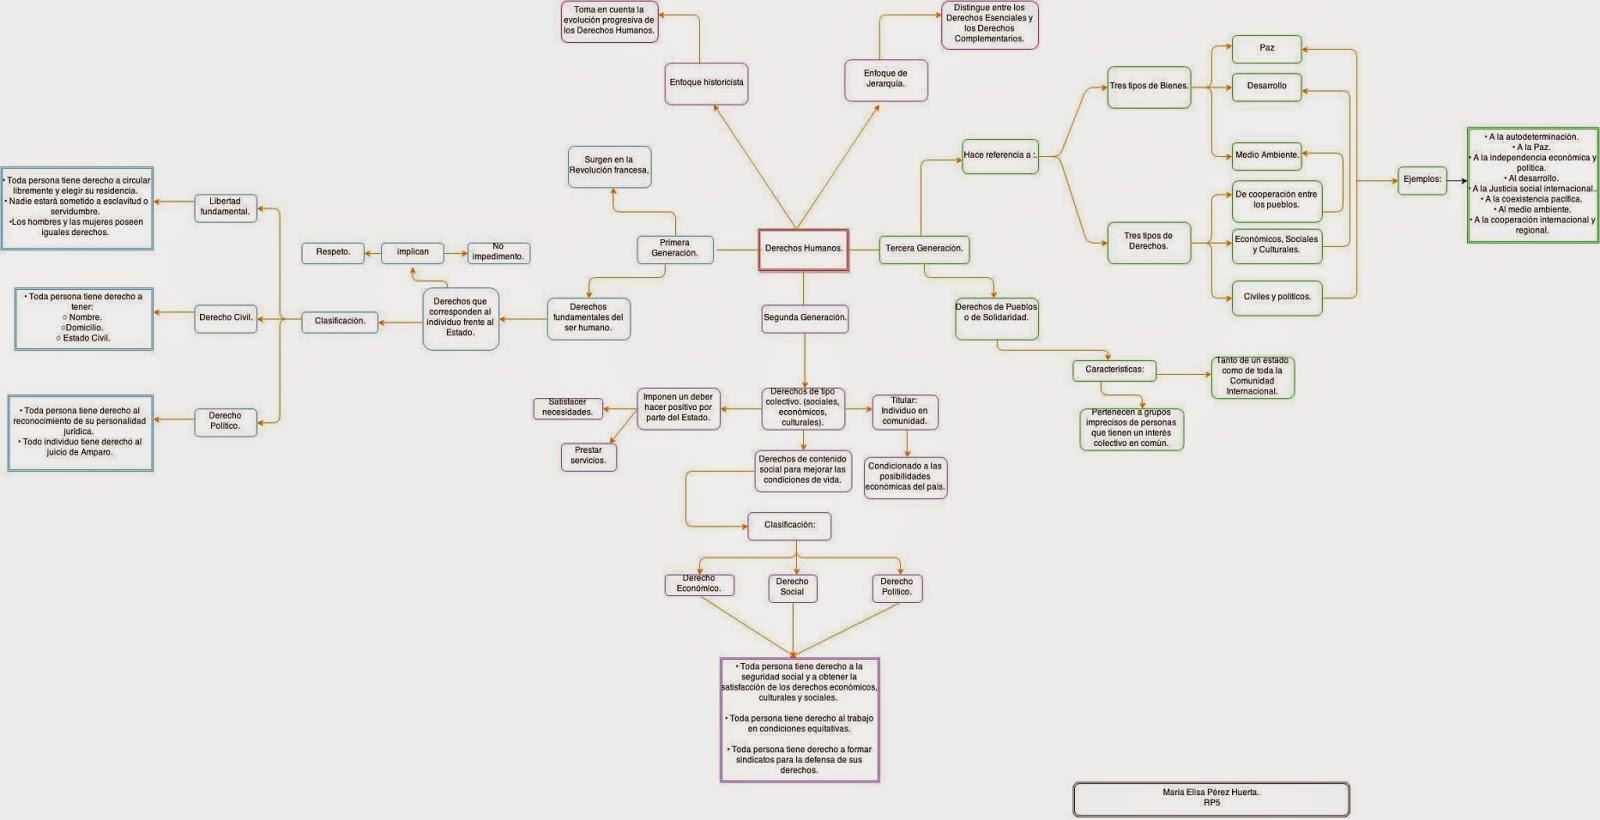 Diagrama Causa Efecto Derechos Humanos